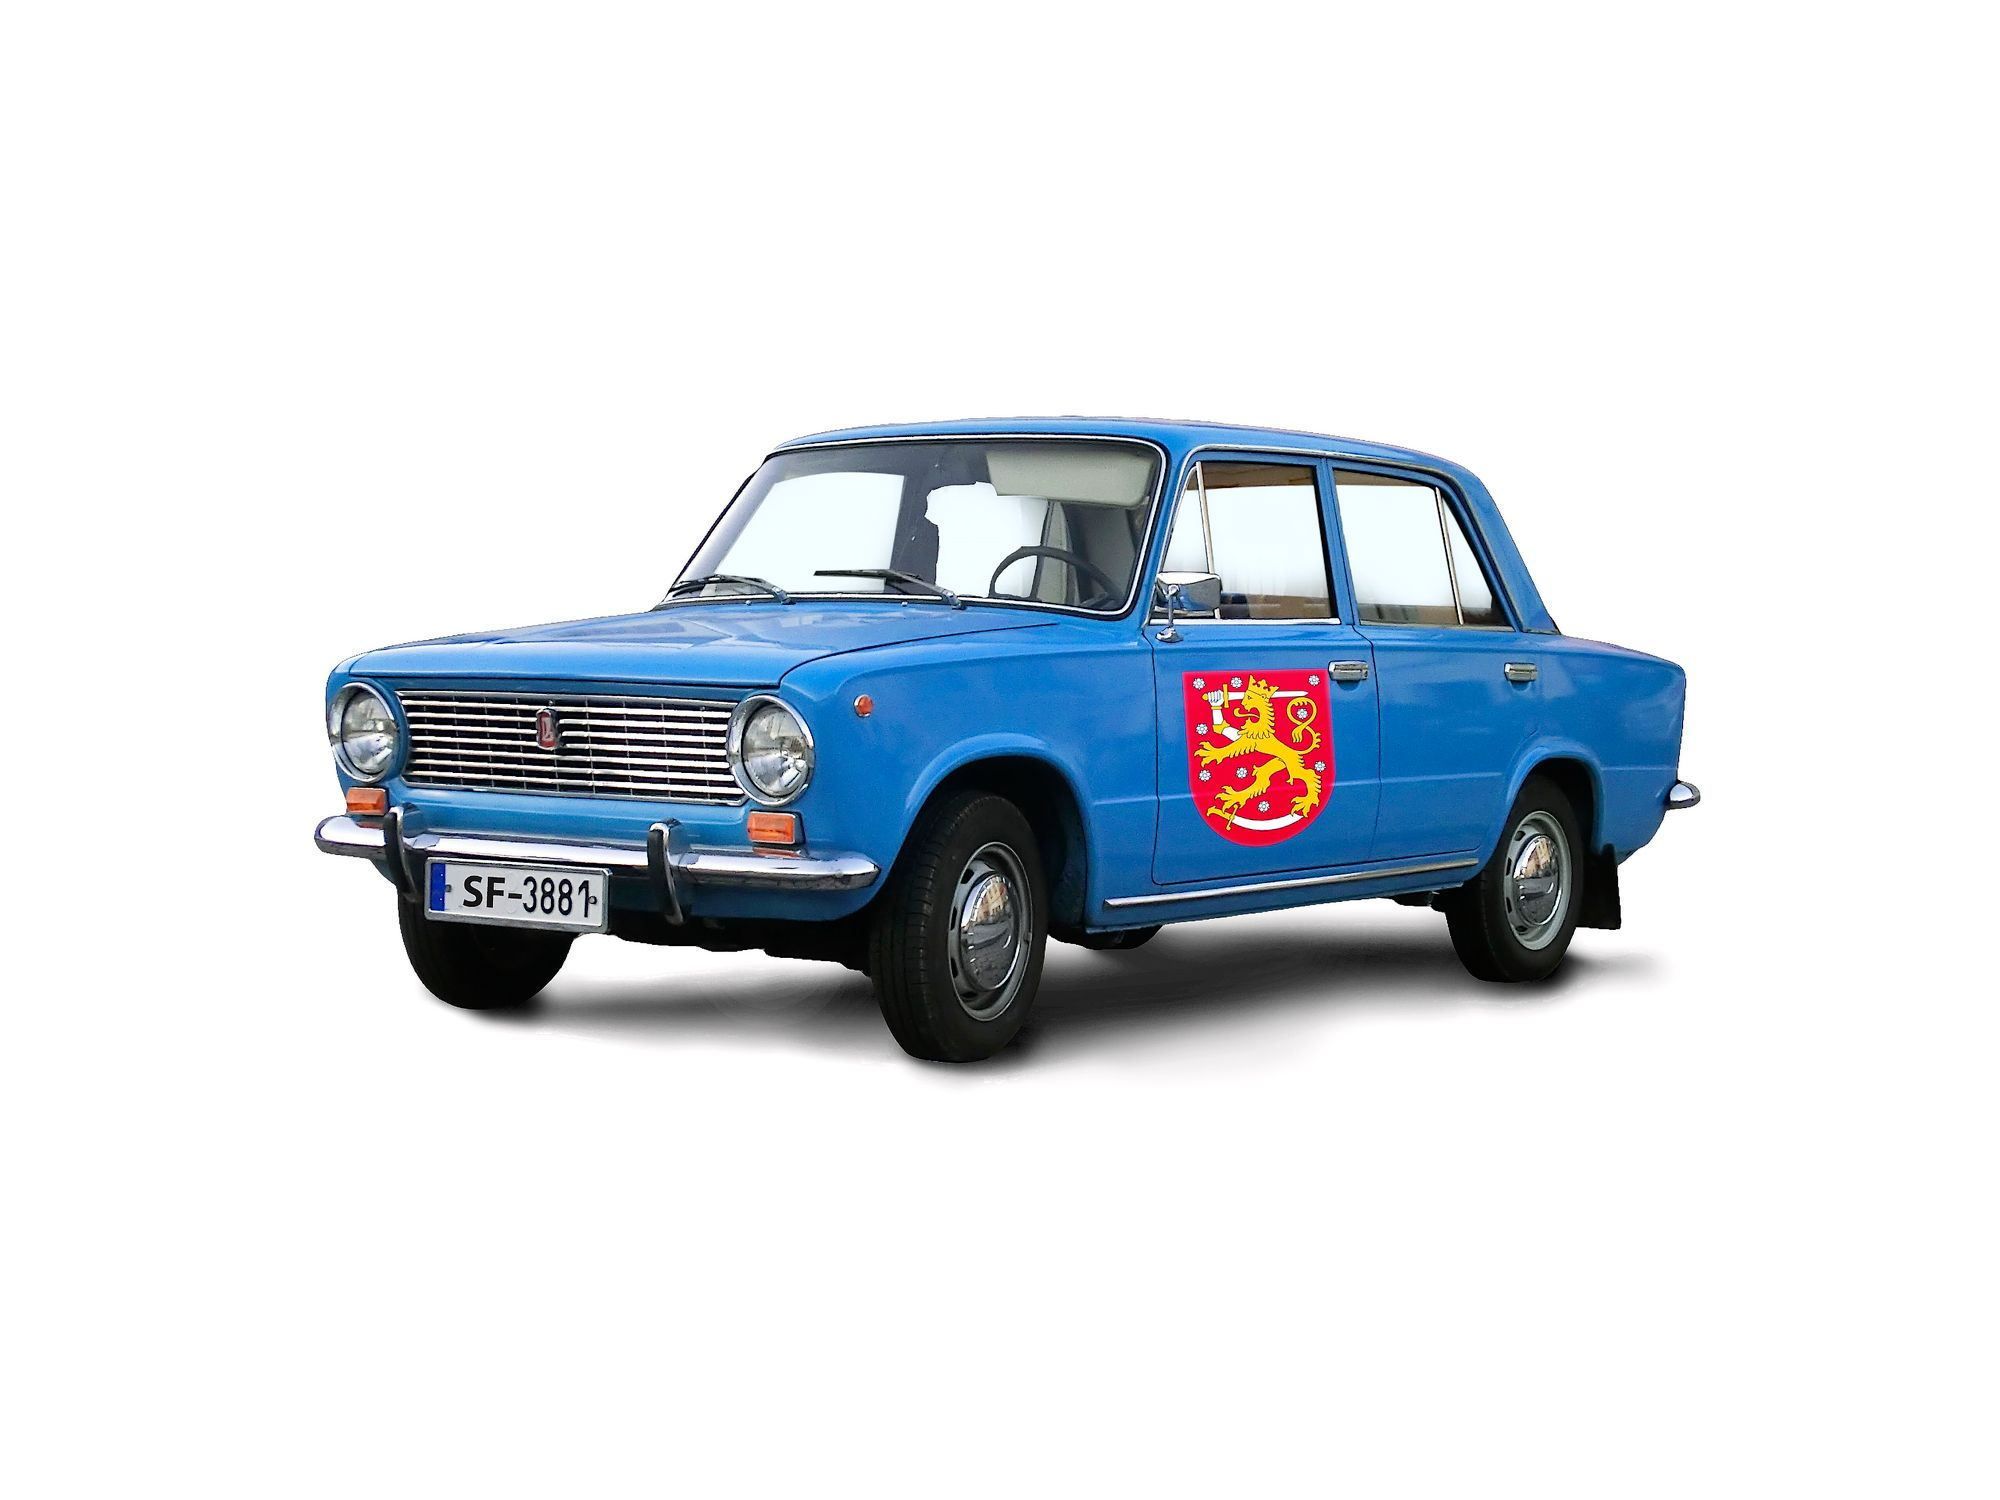 Suomalaista säästäväisyyttä edustaa hyvin Kansallisarkiston tapa: sen johtoa on toisinaan kyyditetty työtehtäviinsä arkiston pakettiautolla. © Tommi Tuomi